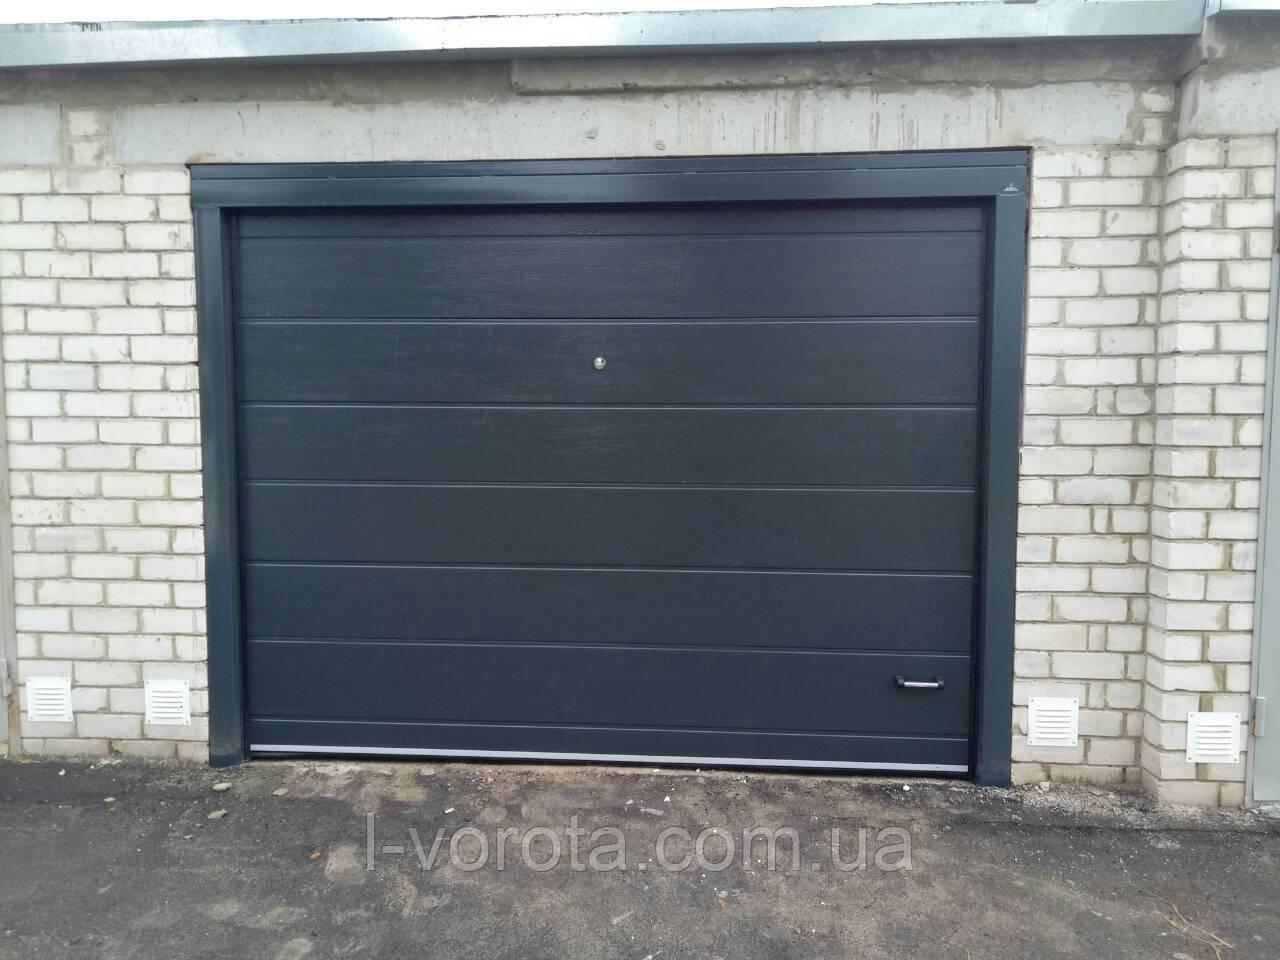 Секционные гаражные ворота DoorHan 3000×2000 (цвет антрацит)